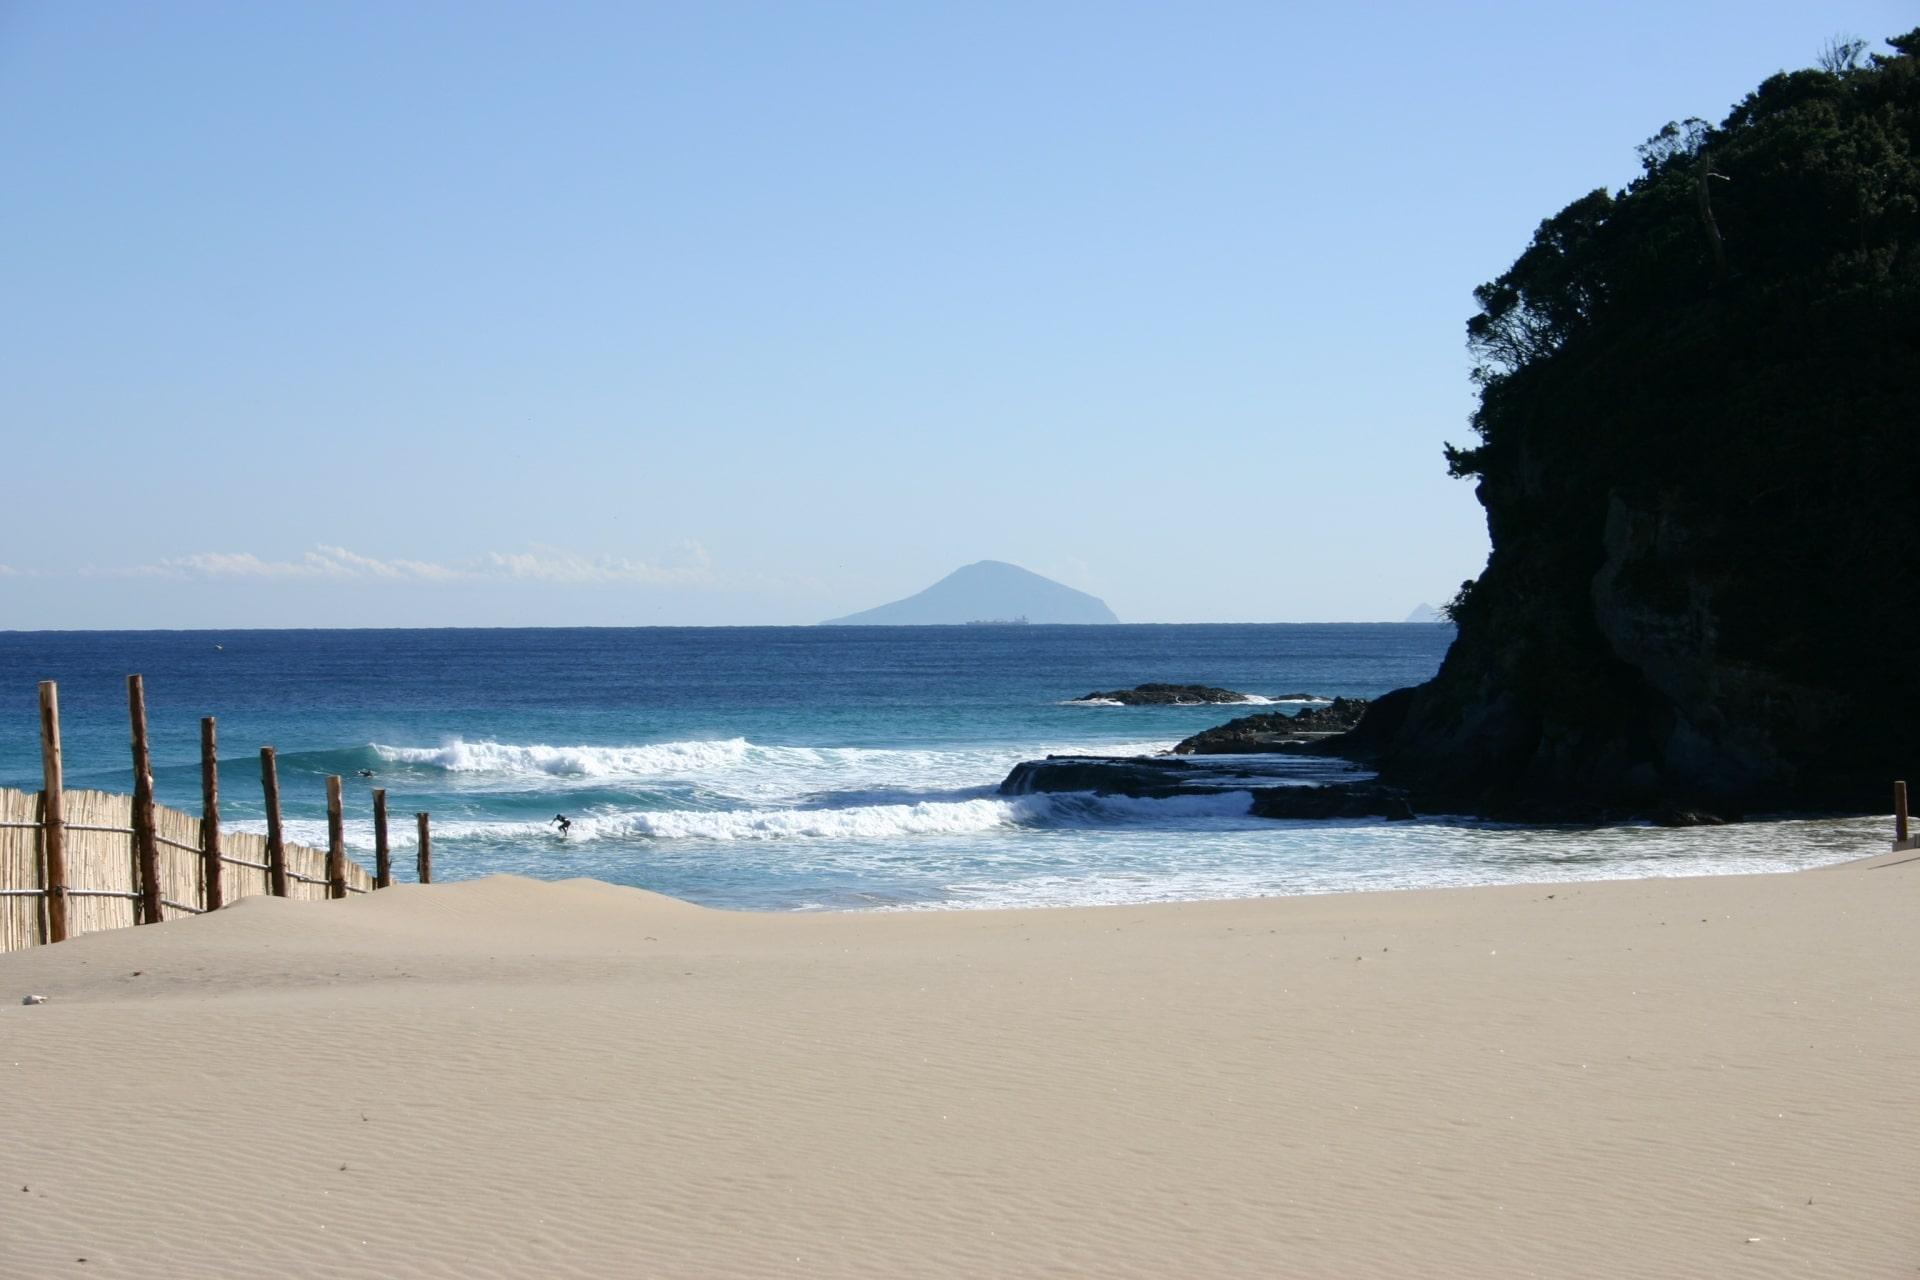 Beach in Izu